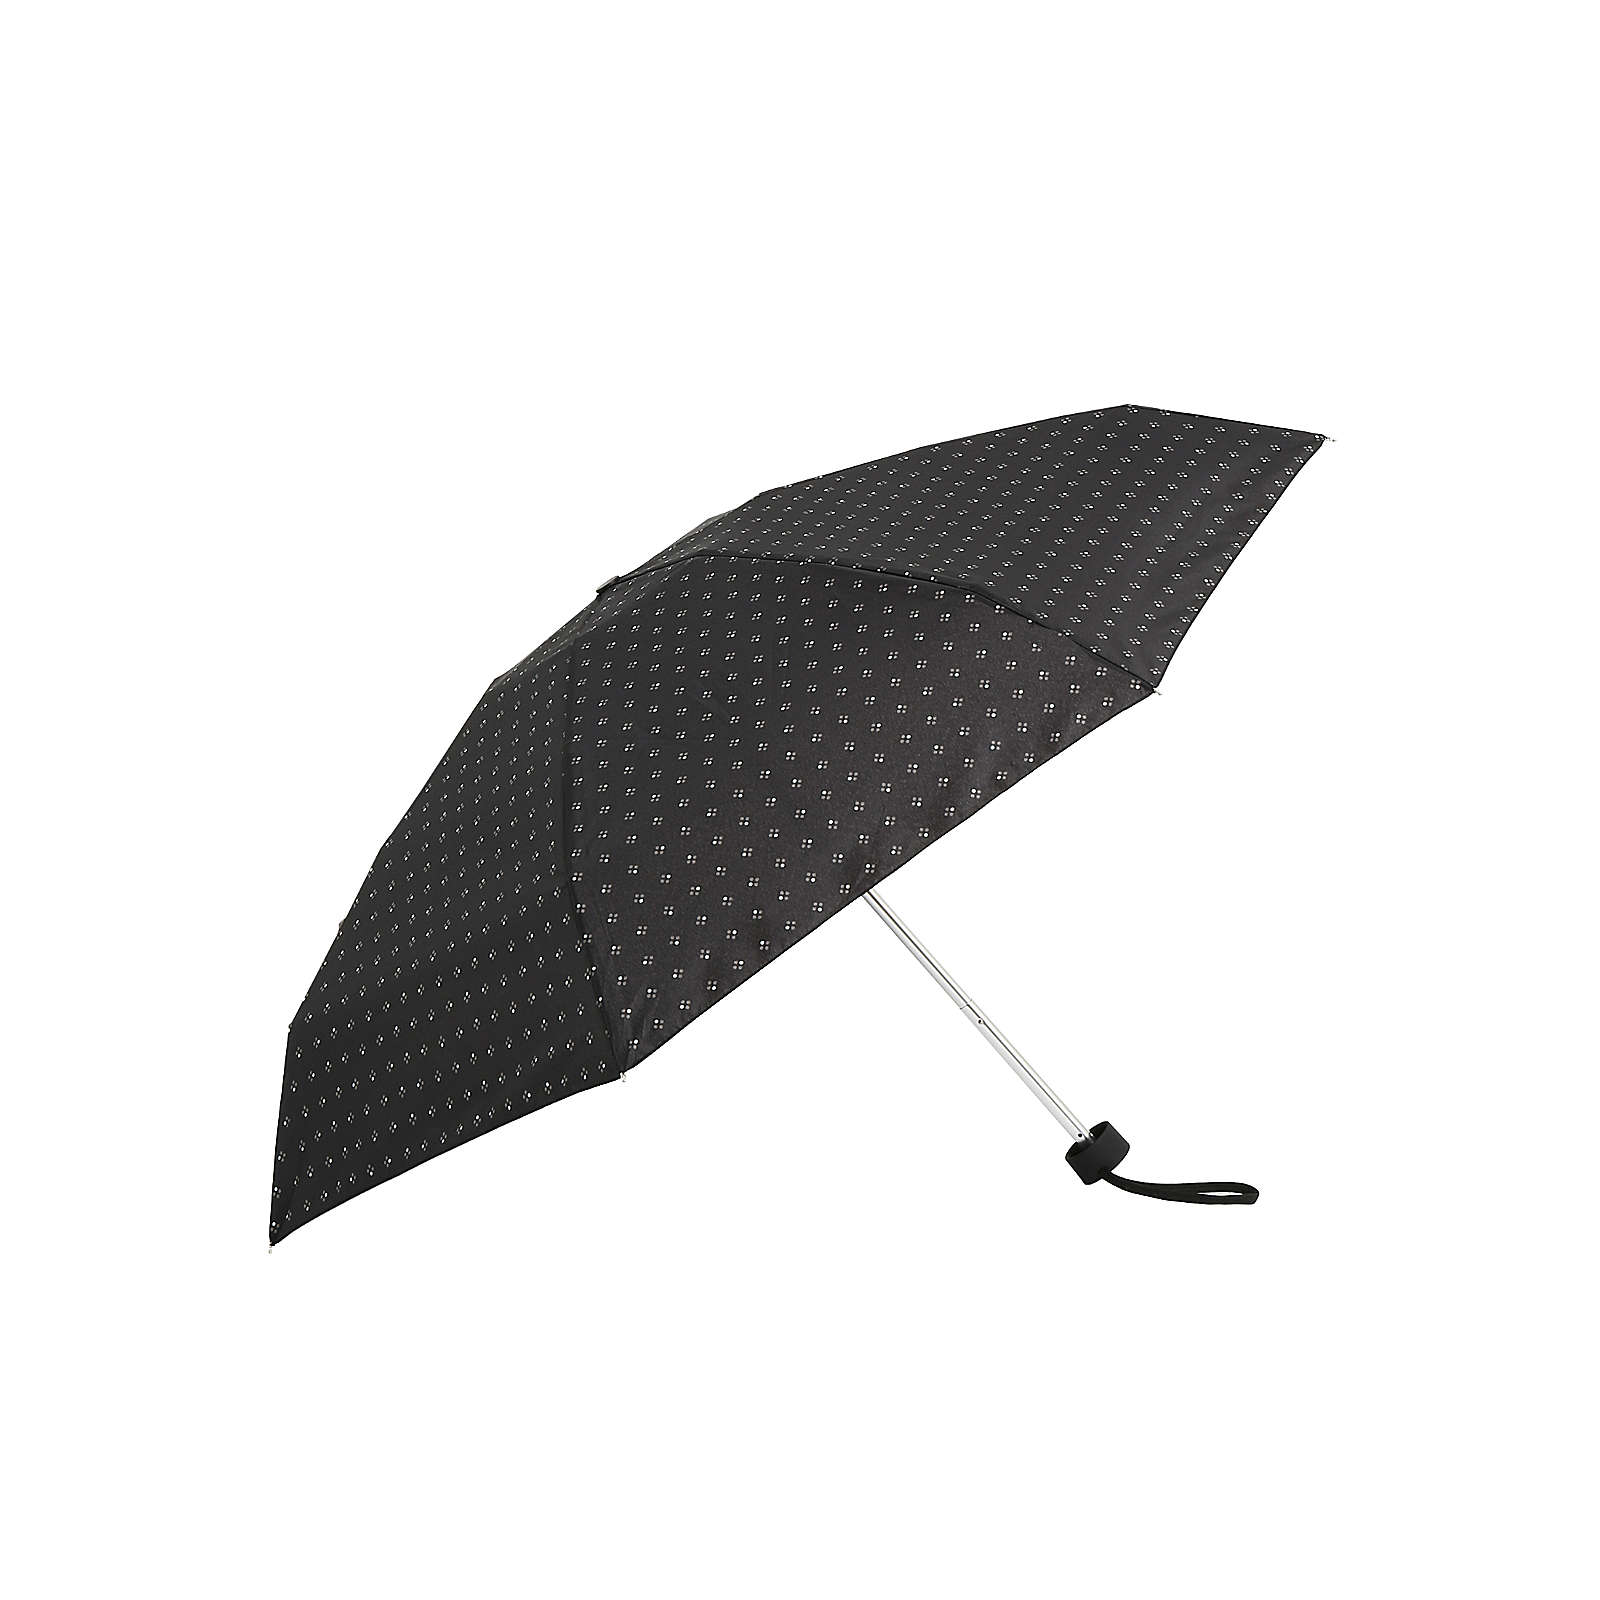 Tamaris Regenschirm Tambrella Mini 7 Minimals Regenschirme schwarz Damen Gr. one size